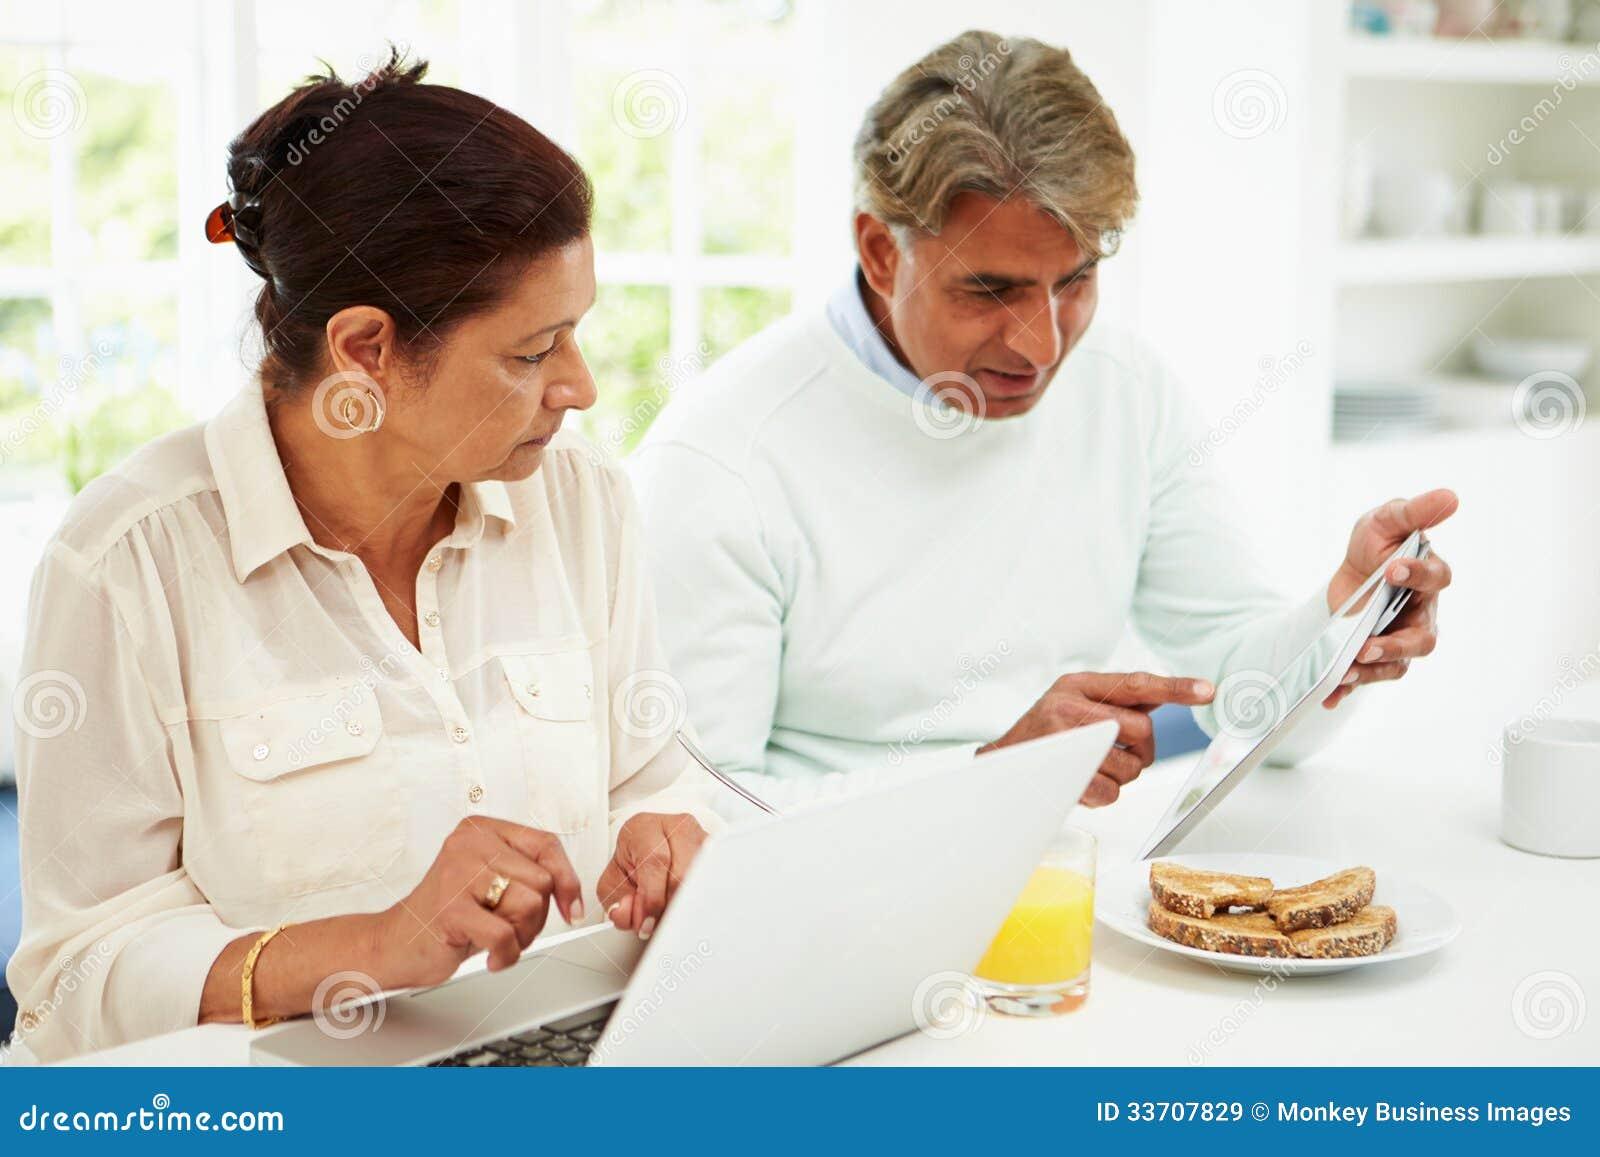 chatting for seniors